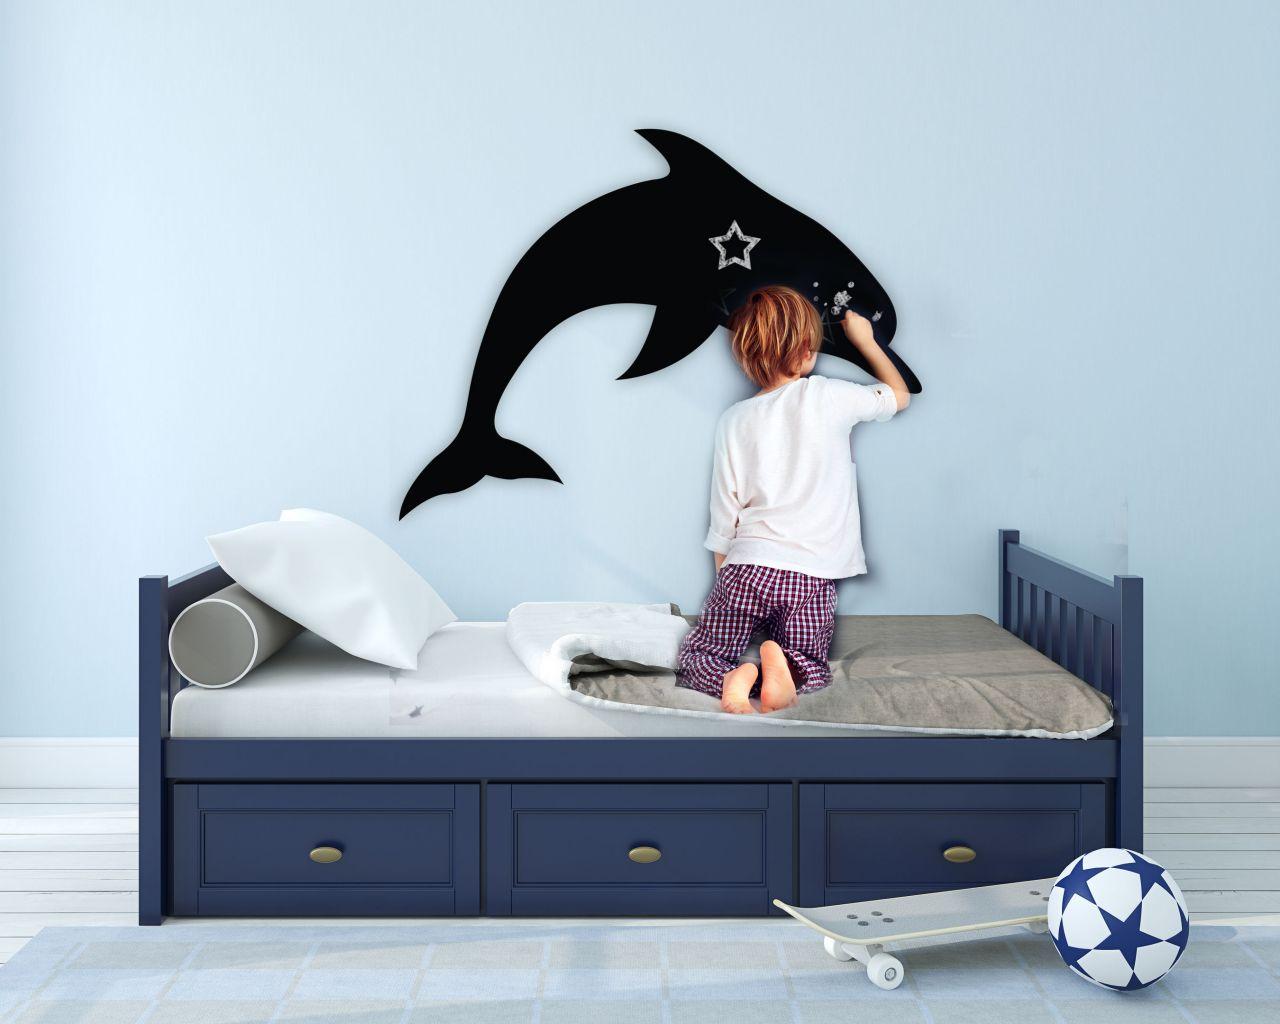 מדבקת קיר לוח גיר דולפין